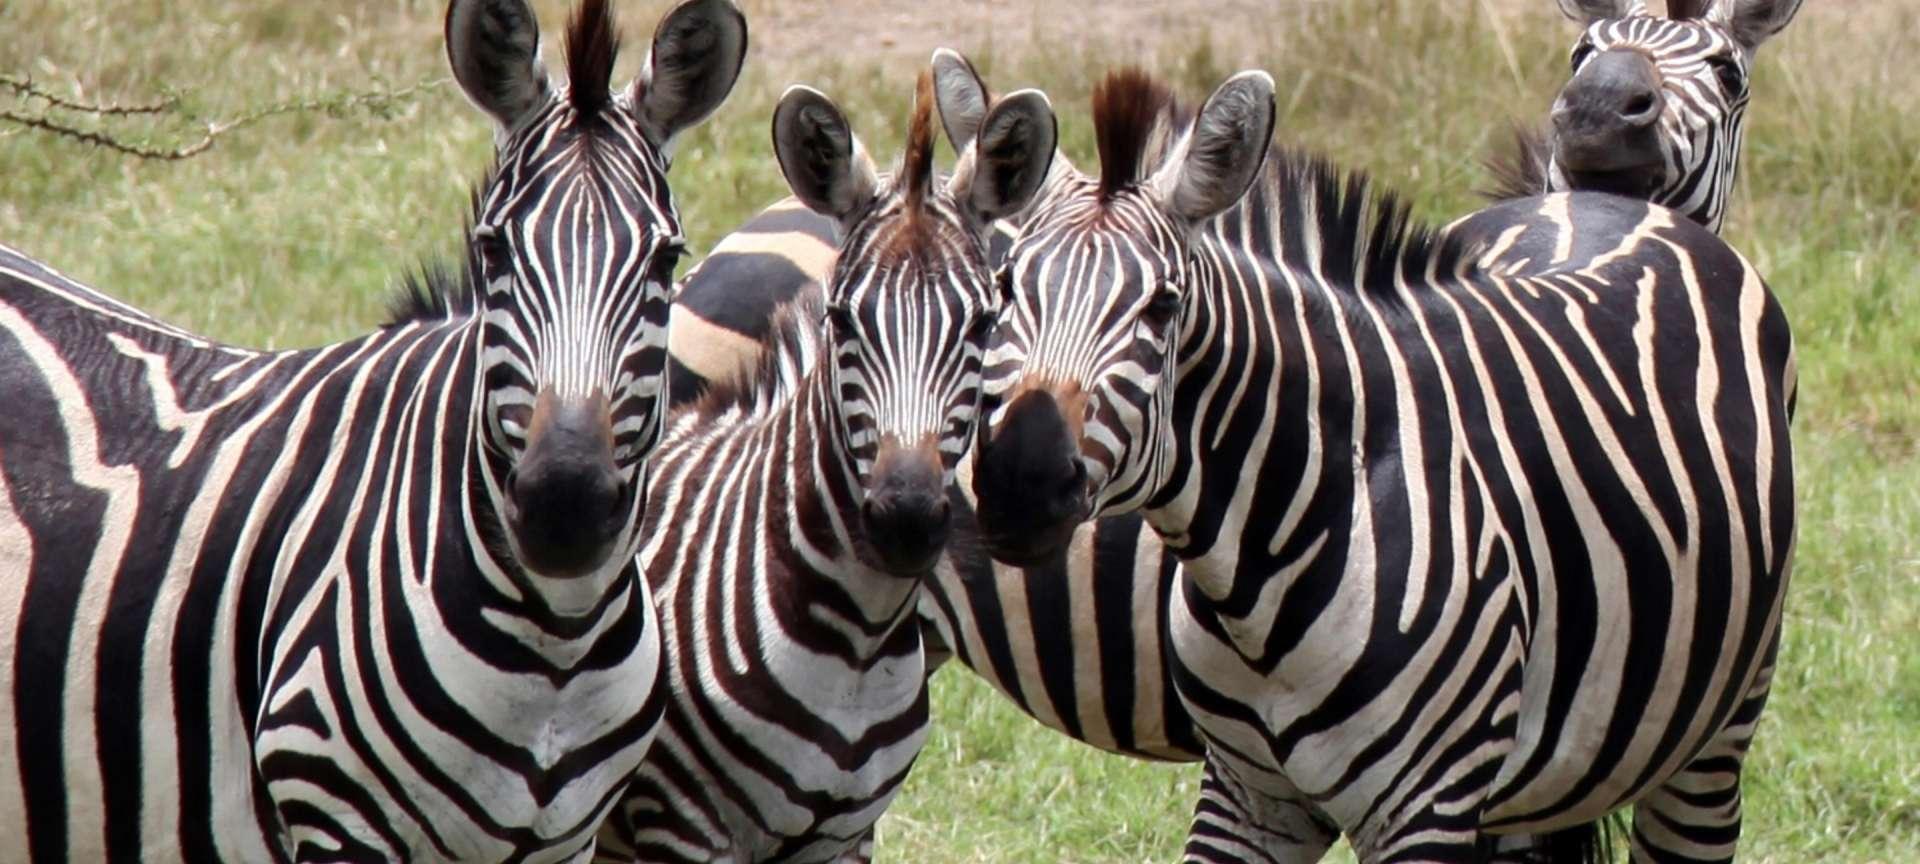 Lake Mburo National Park - Africa Wildlife Safaris